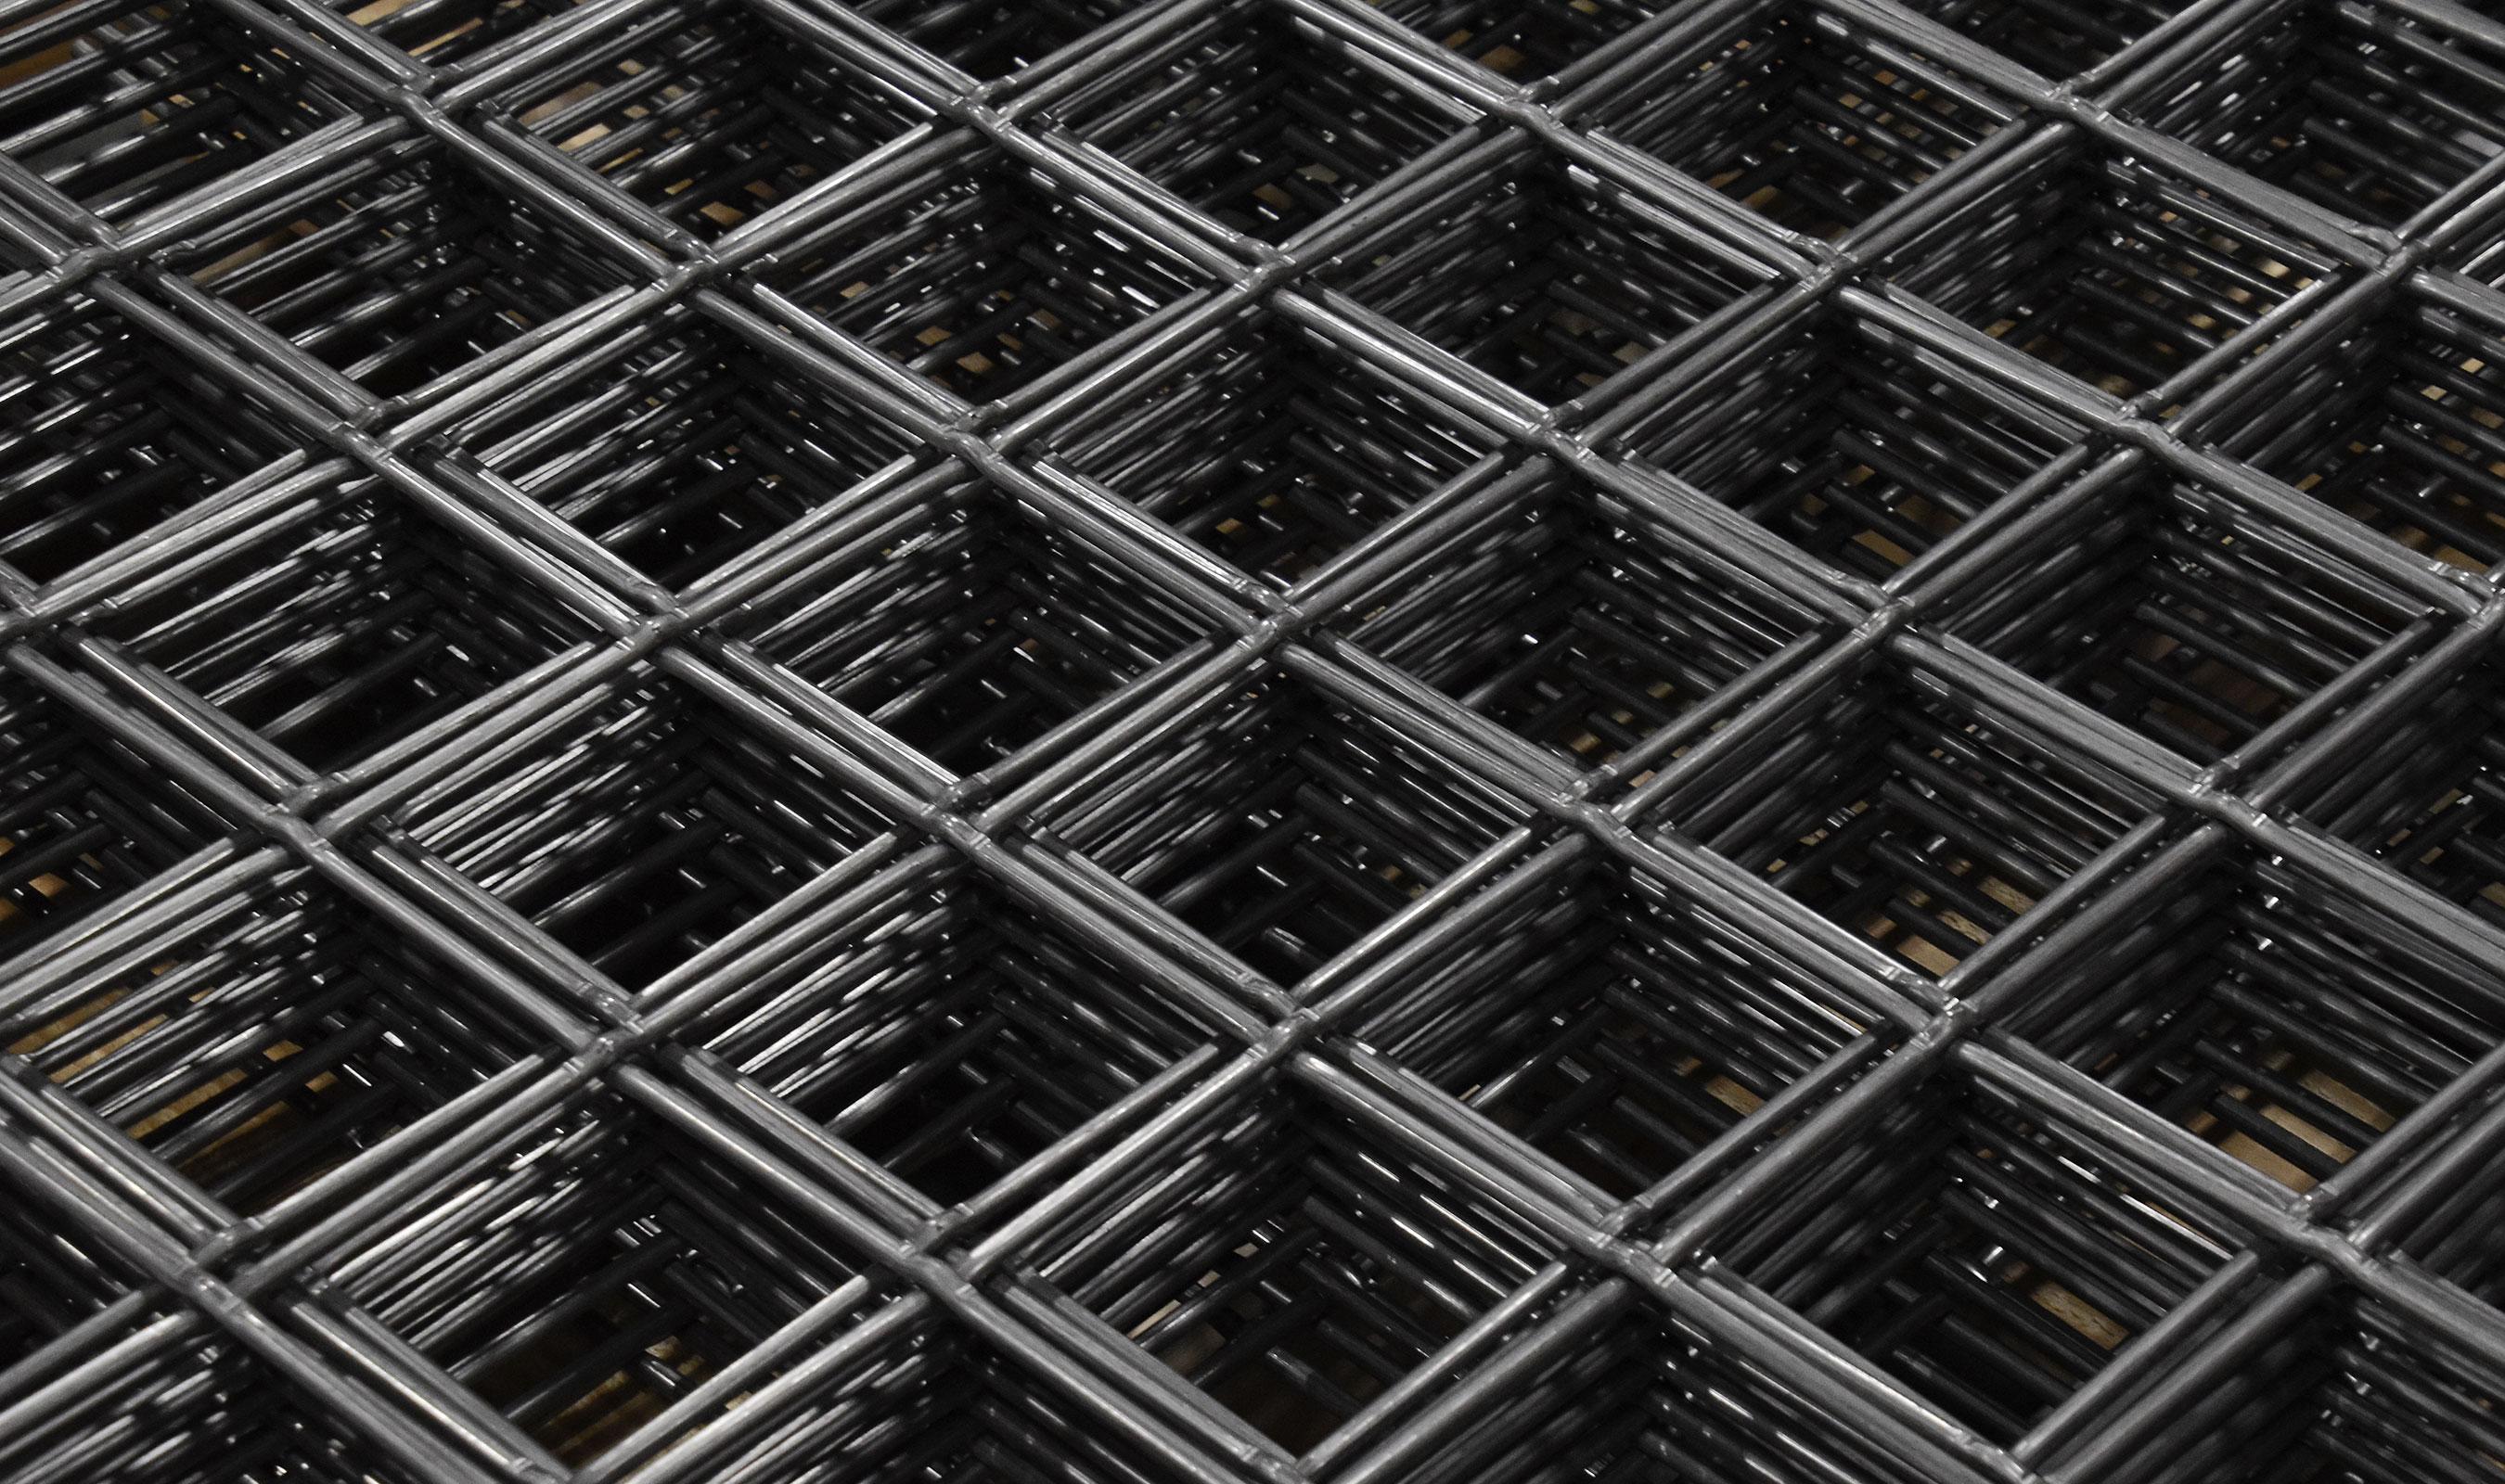 L-137 plain steel woven wire mesh